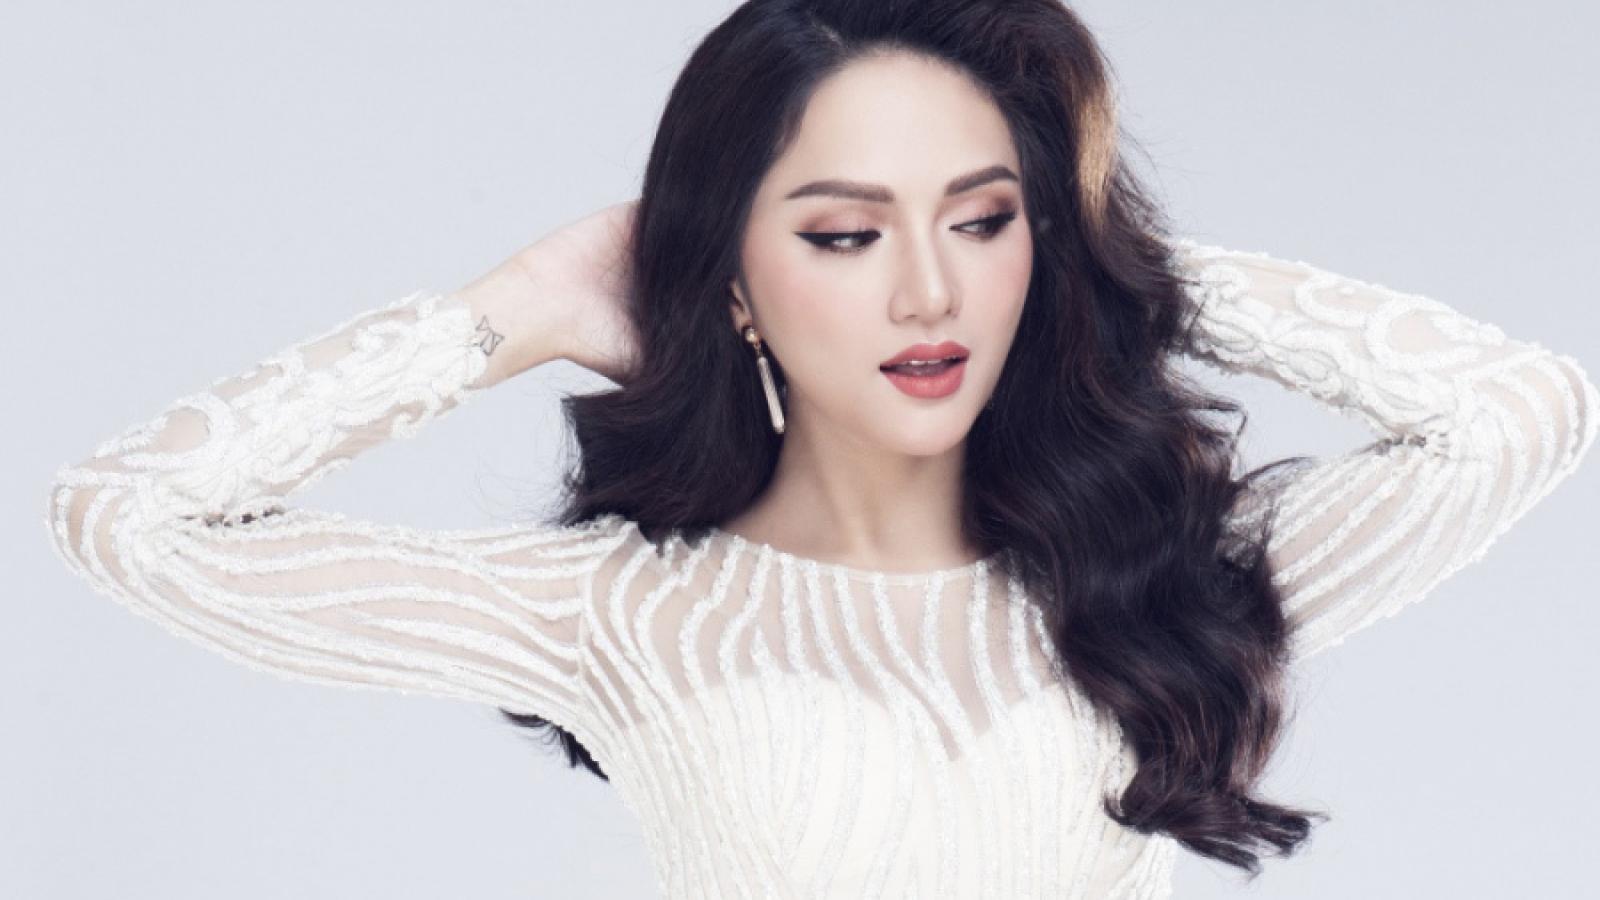 Chuyện showbiz: Hương Giang tái xuất xinh đẹp sau thời gian vắng bóng